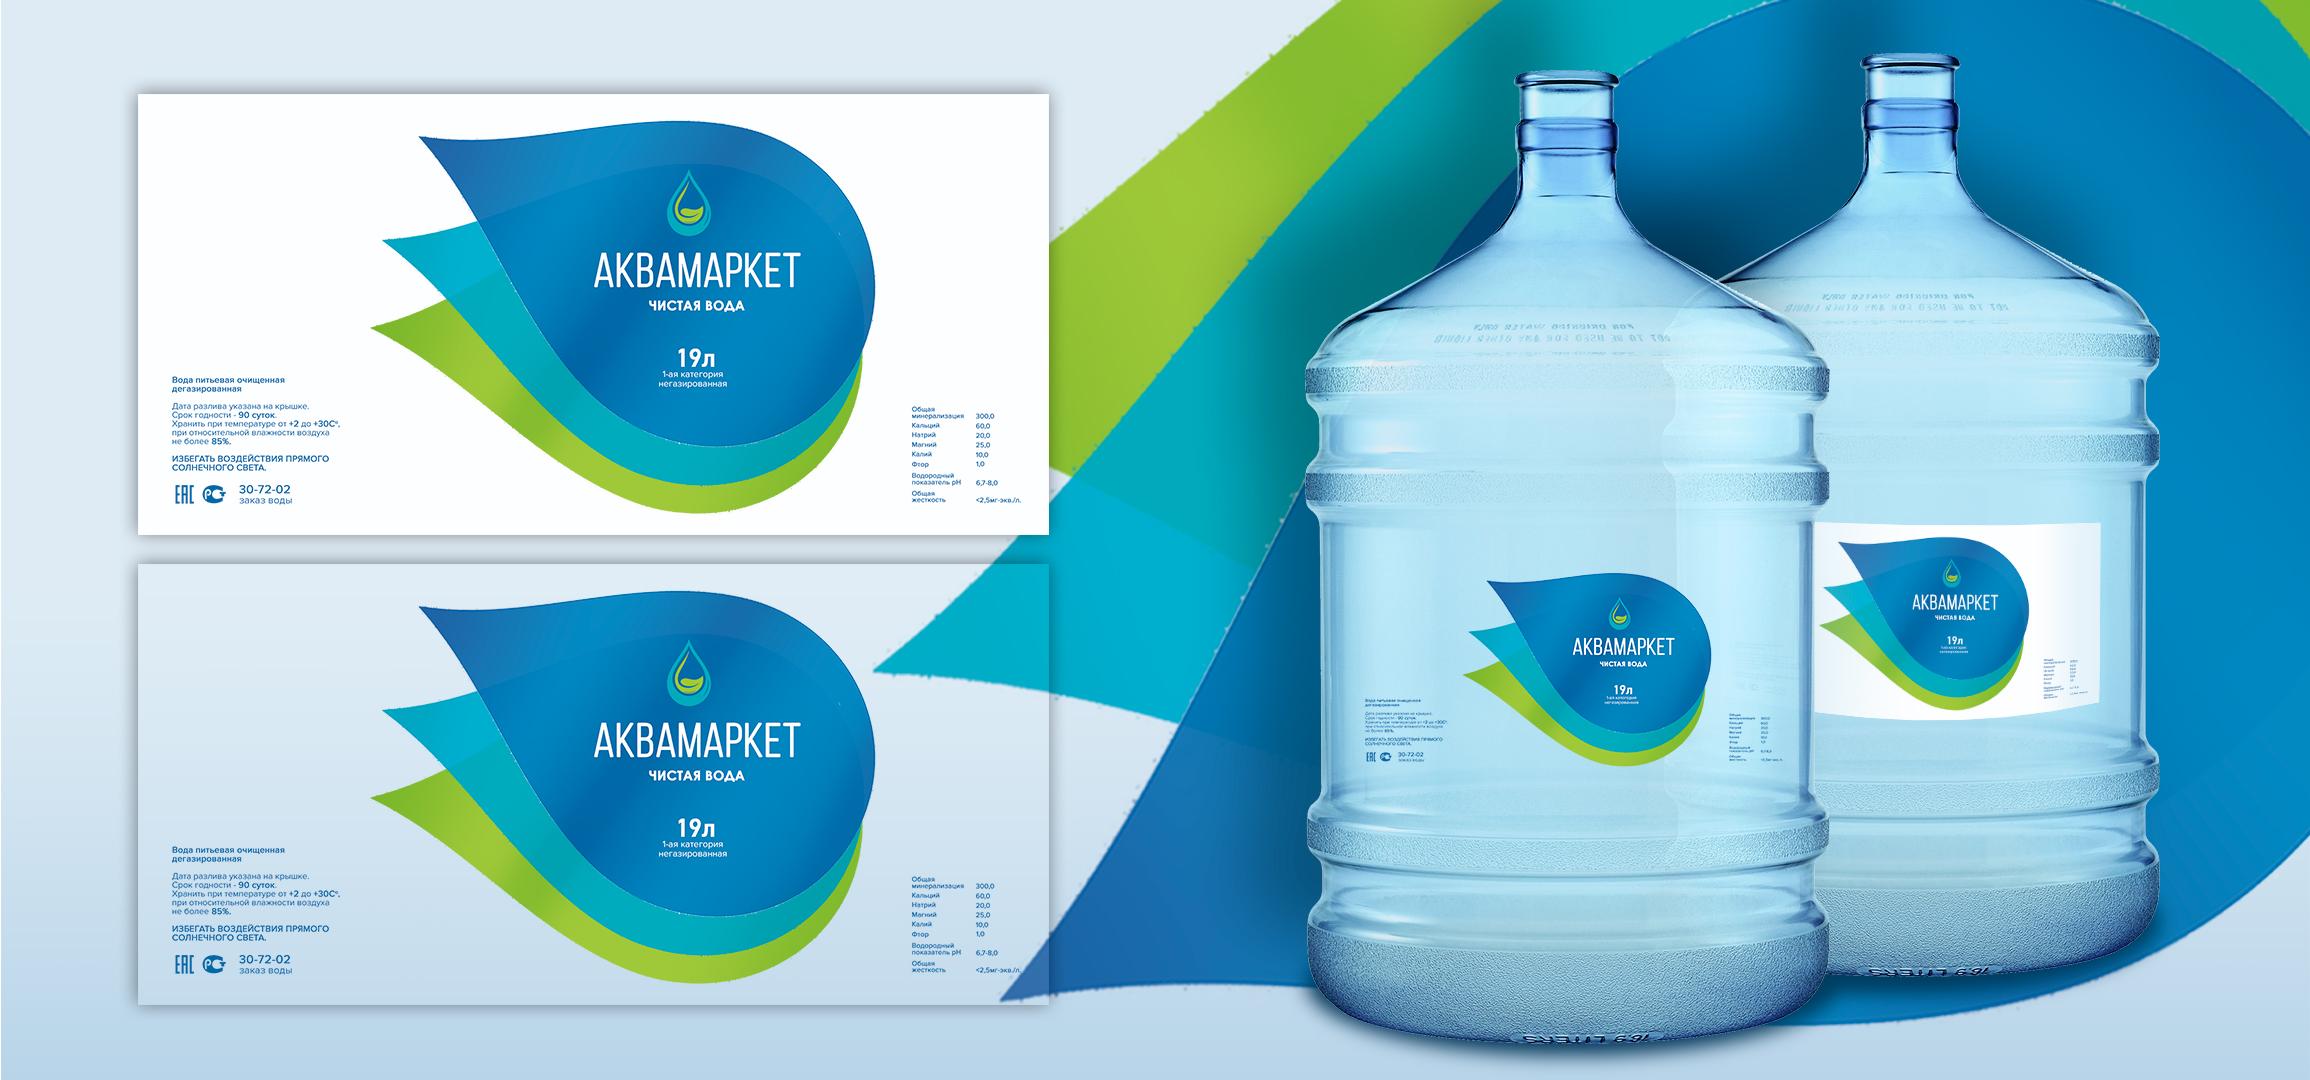 Разработка этикетки для питьевой воды в 19 литровых бутылях фото f_1075f003b0828d95.jpg